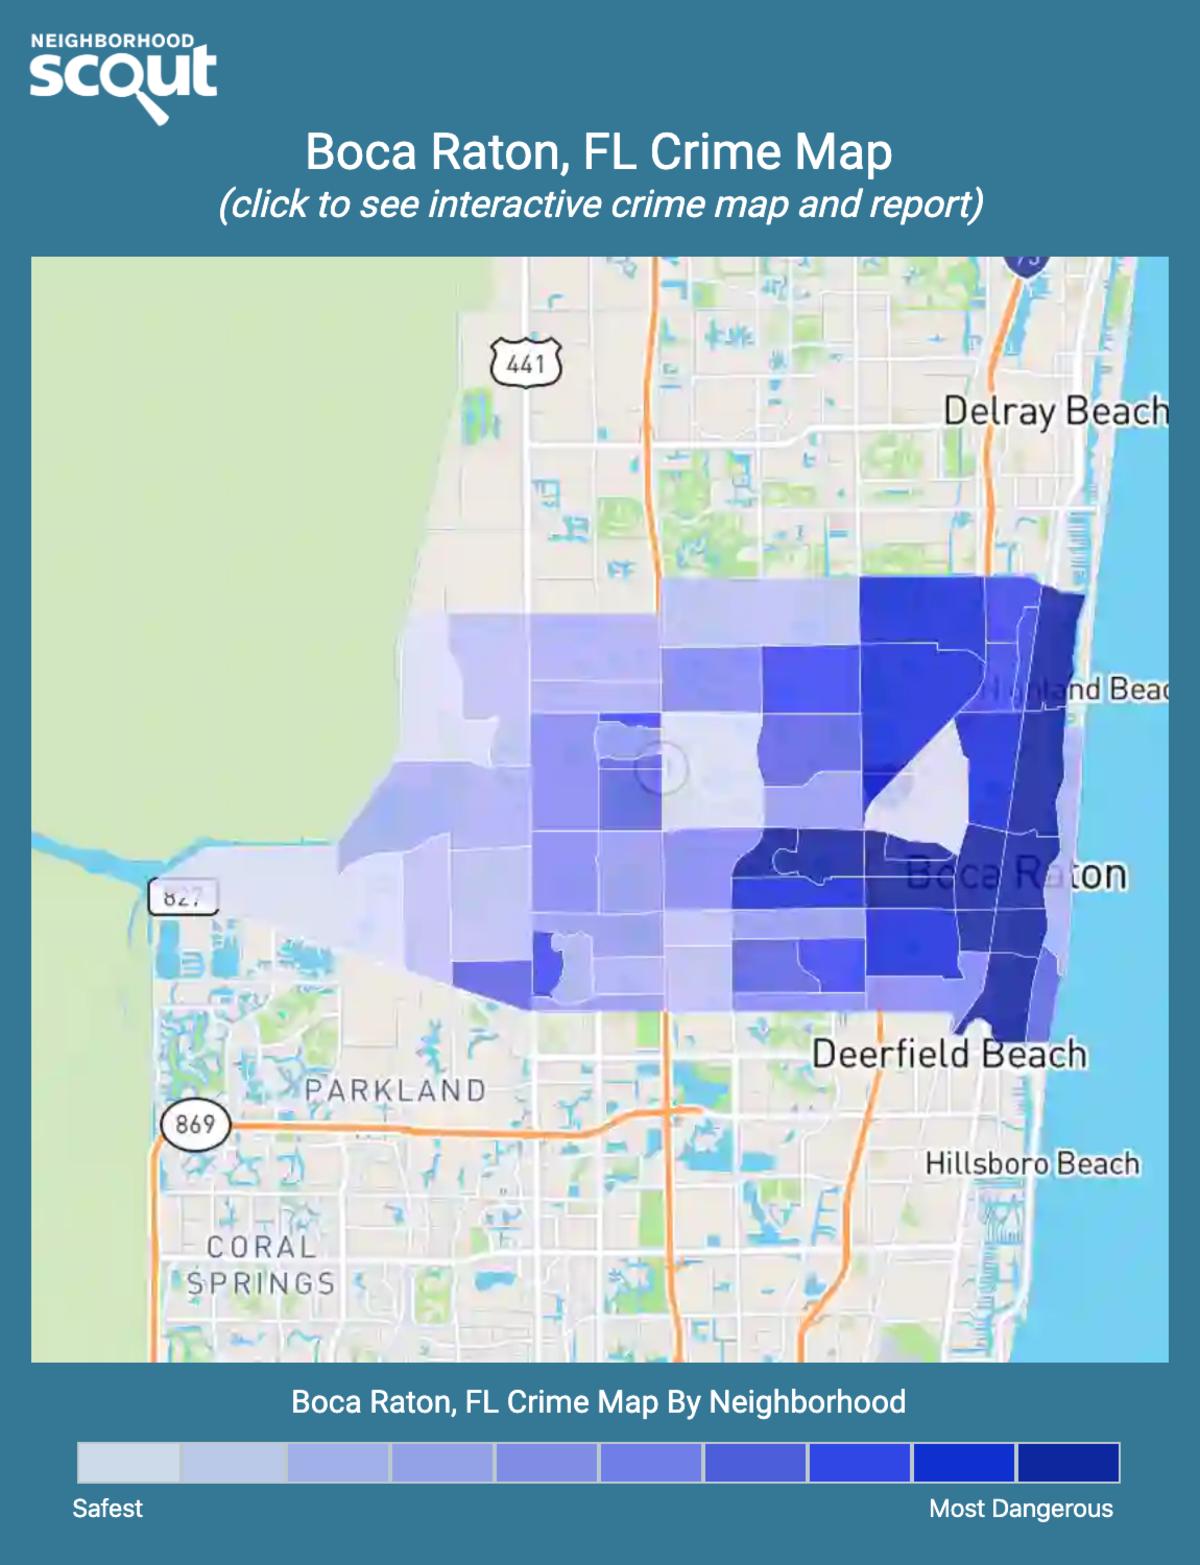 Boca Raton, Florida crime map